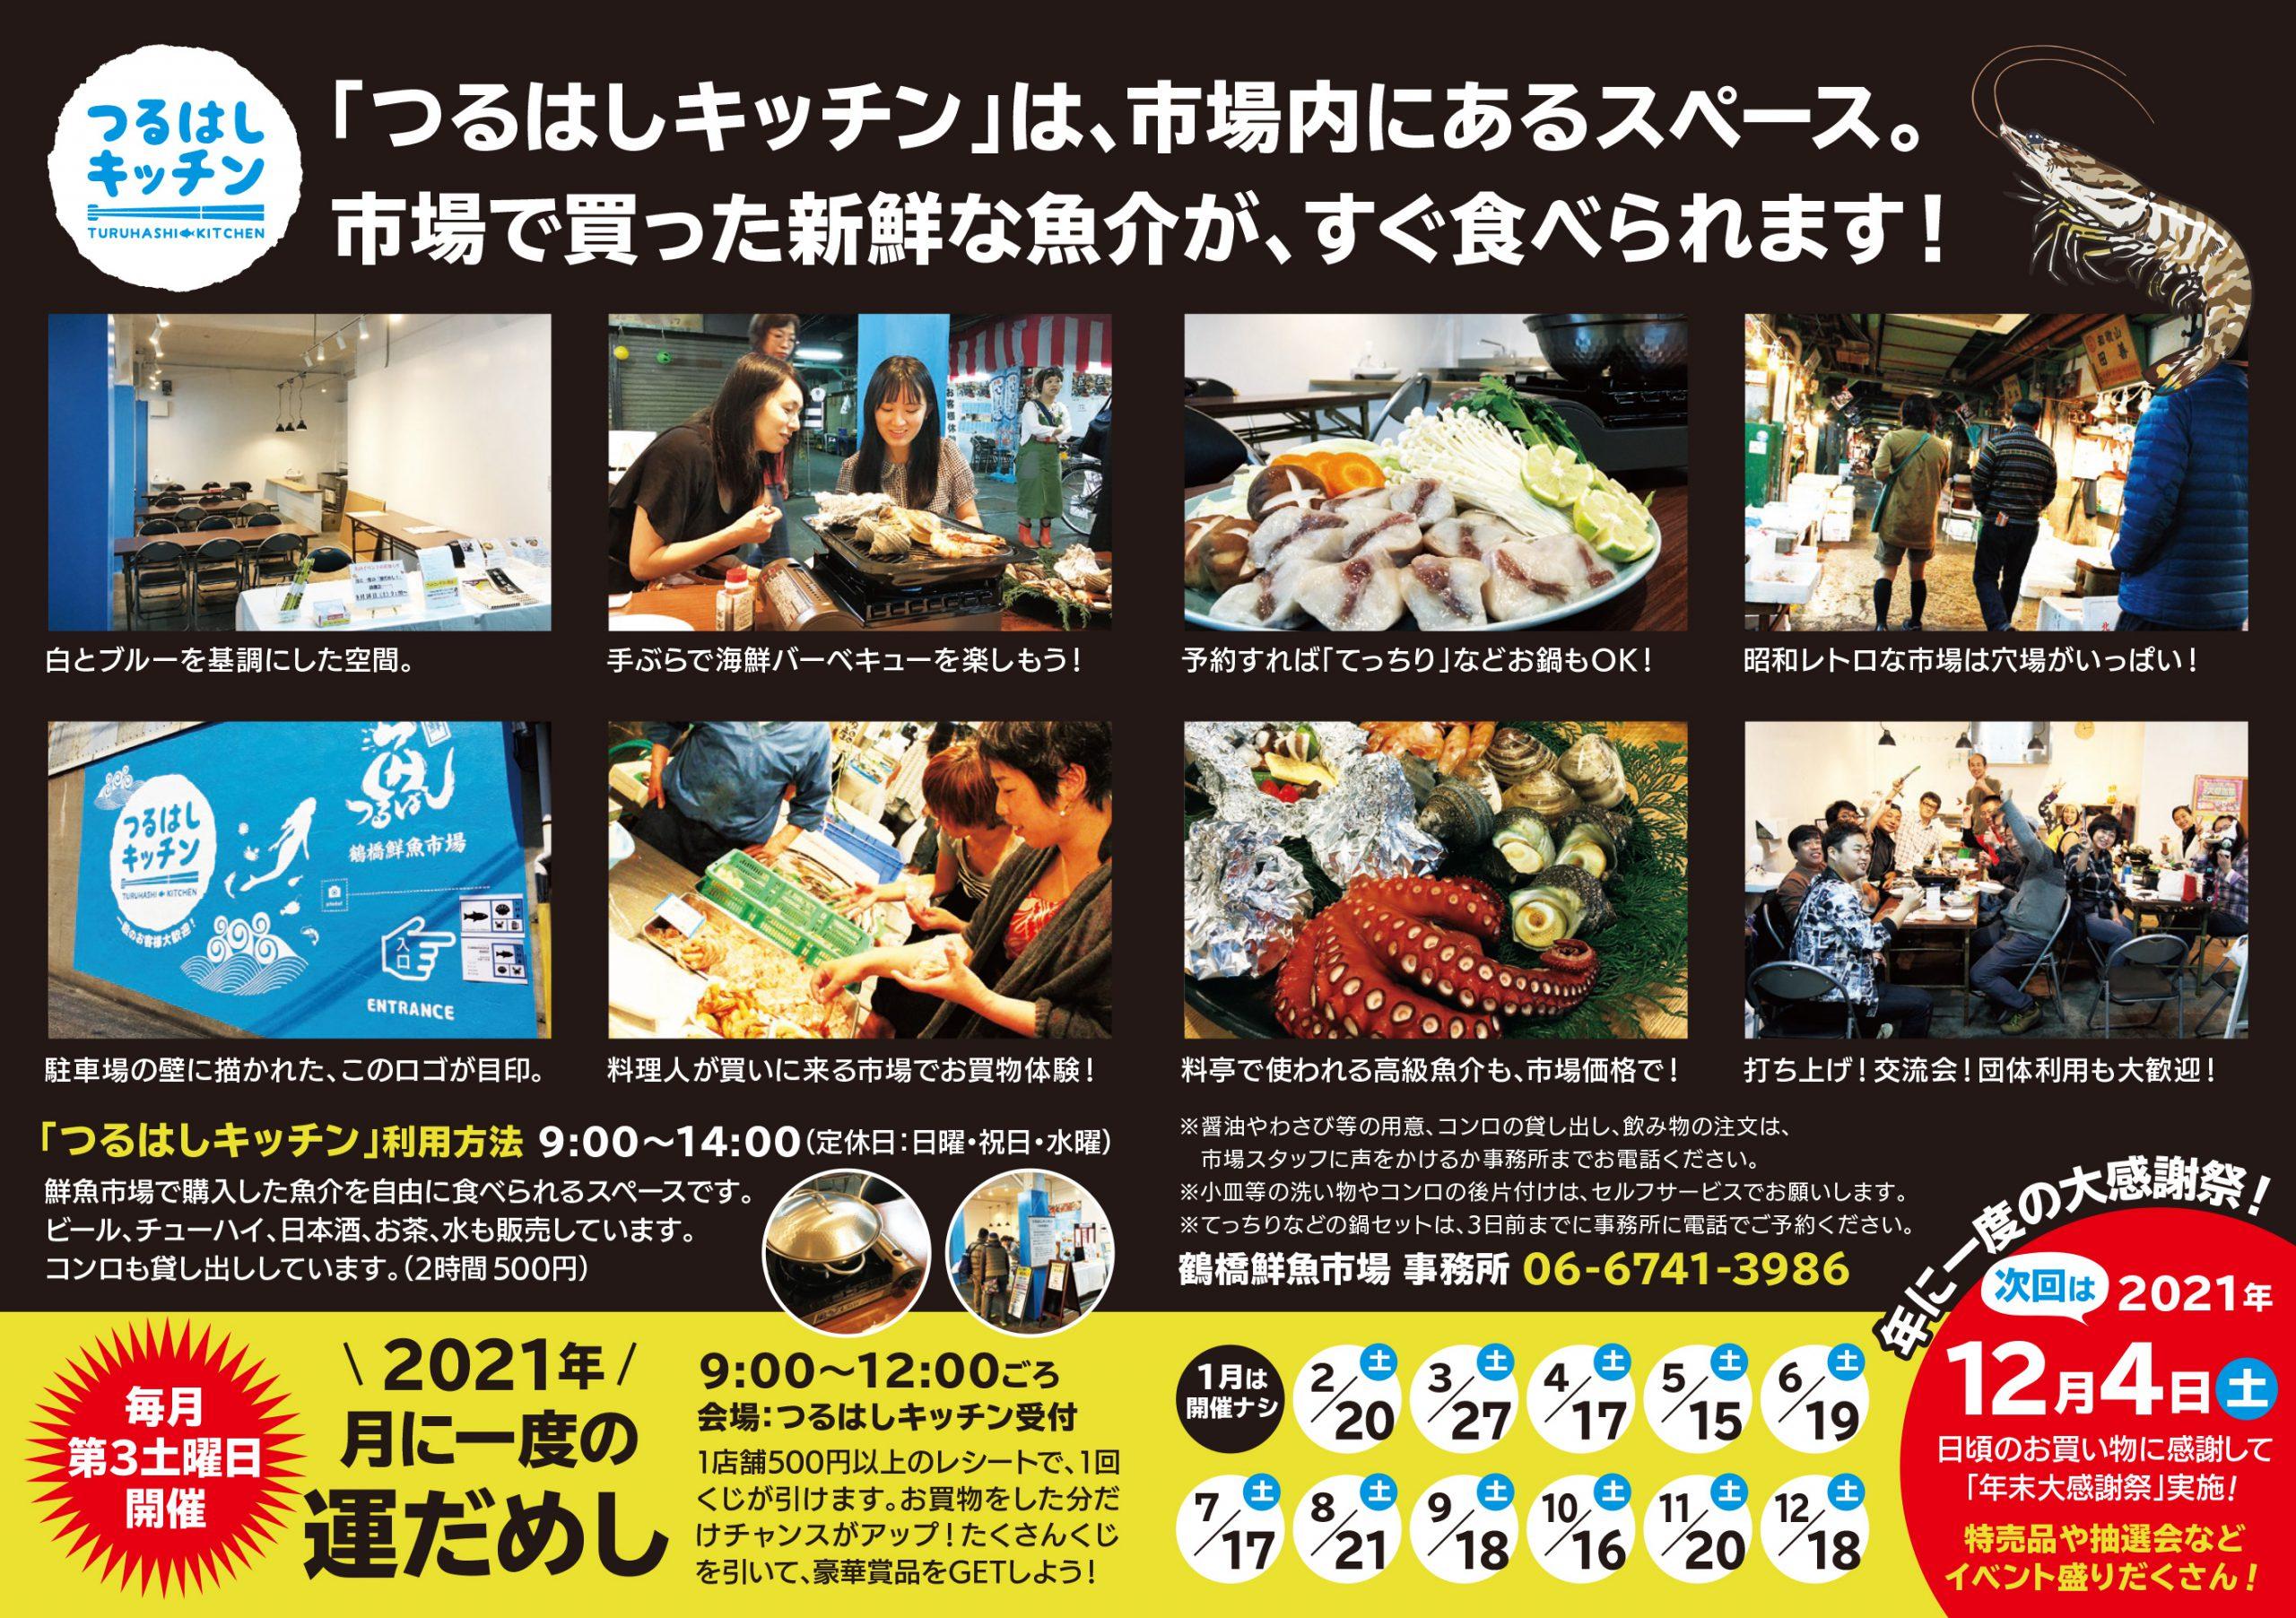 月に一度の運だめし・つるはしキッチン|2021.1〜12 鶴橋鮮魚市場様 (大阪市生野区)